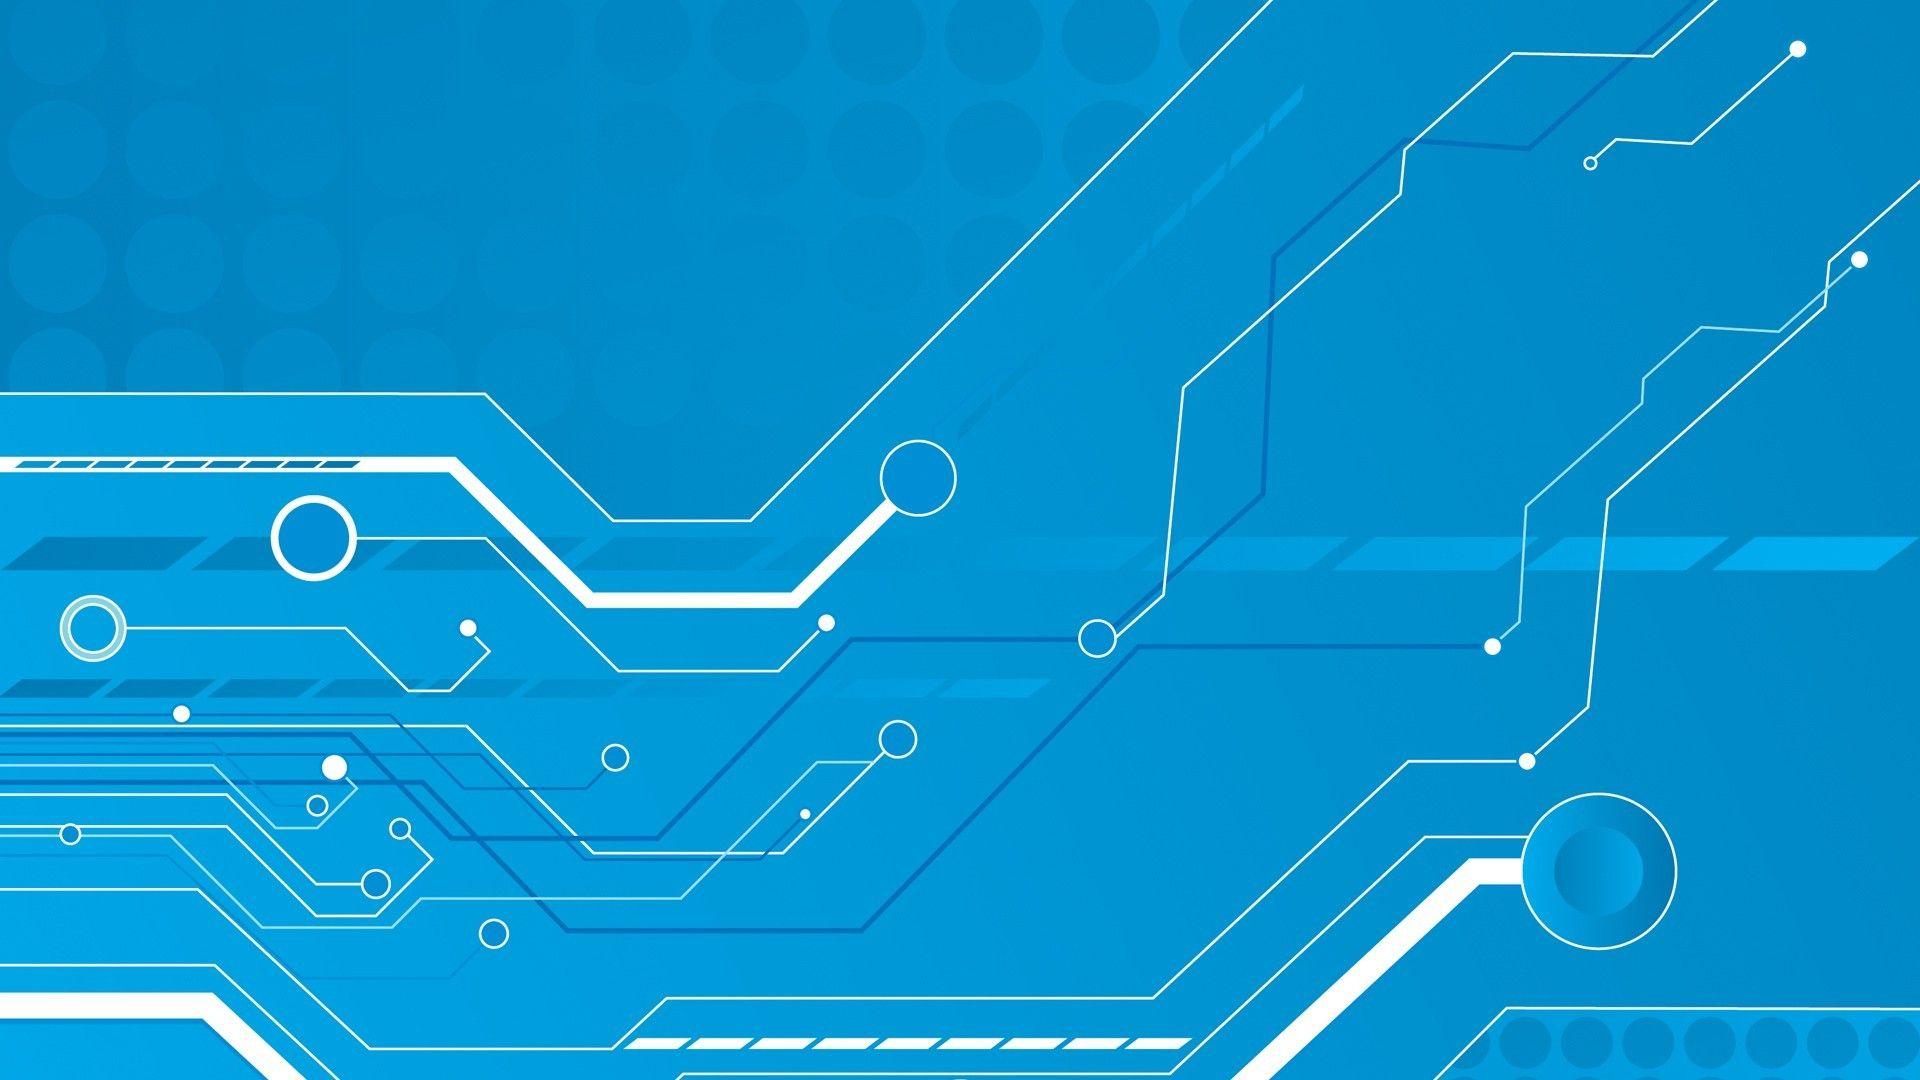 Technology HD Backgrounds Technology wallpaper Samsung 1920x1080